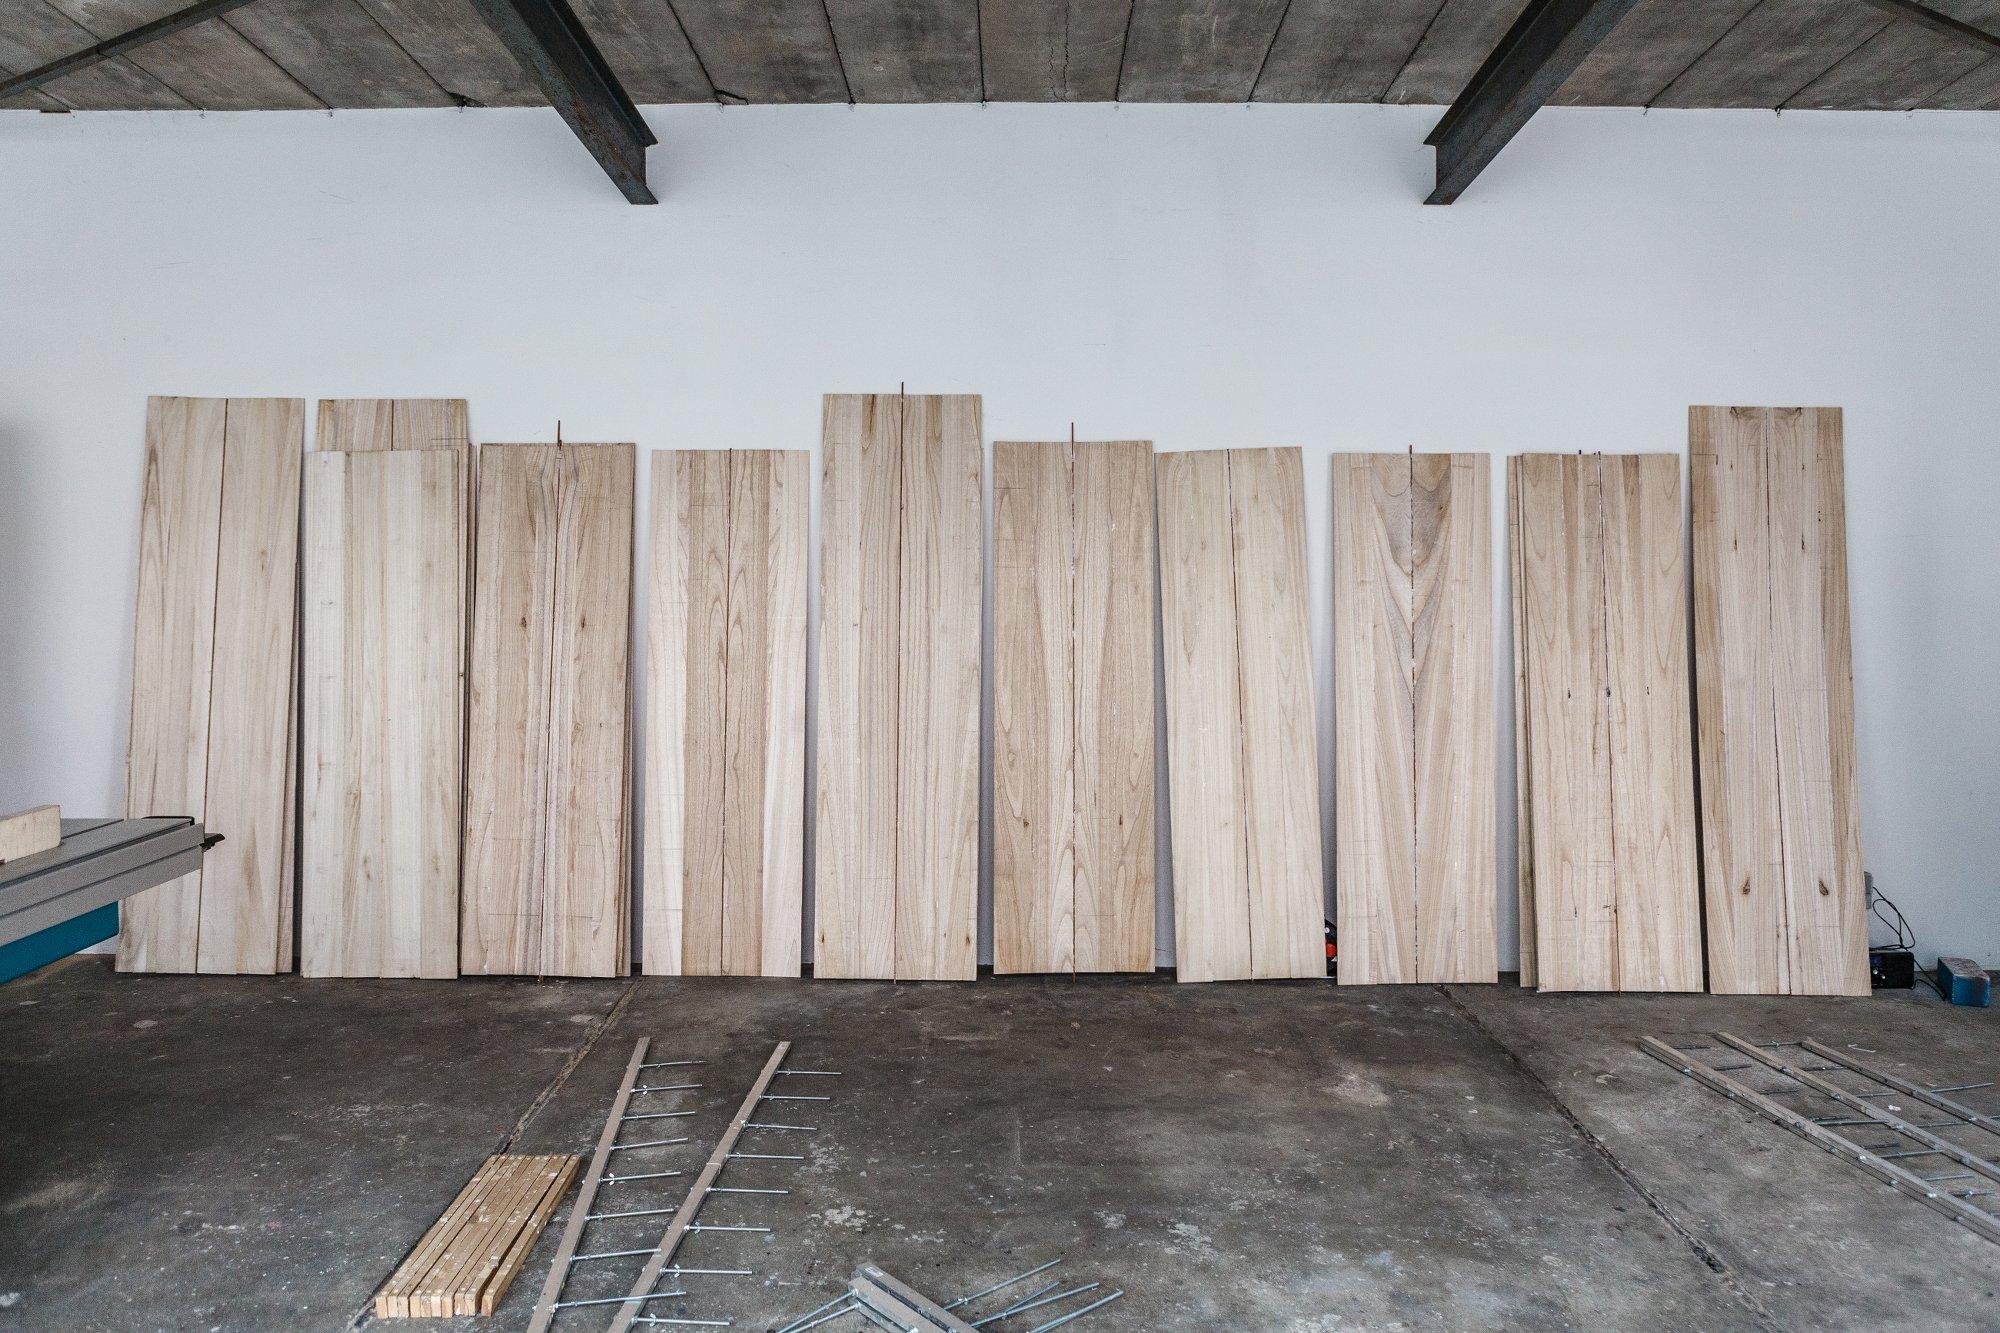 So sehen die Blanks aus Paulownia-Holz vor dem Shapen aus.